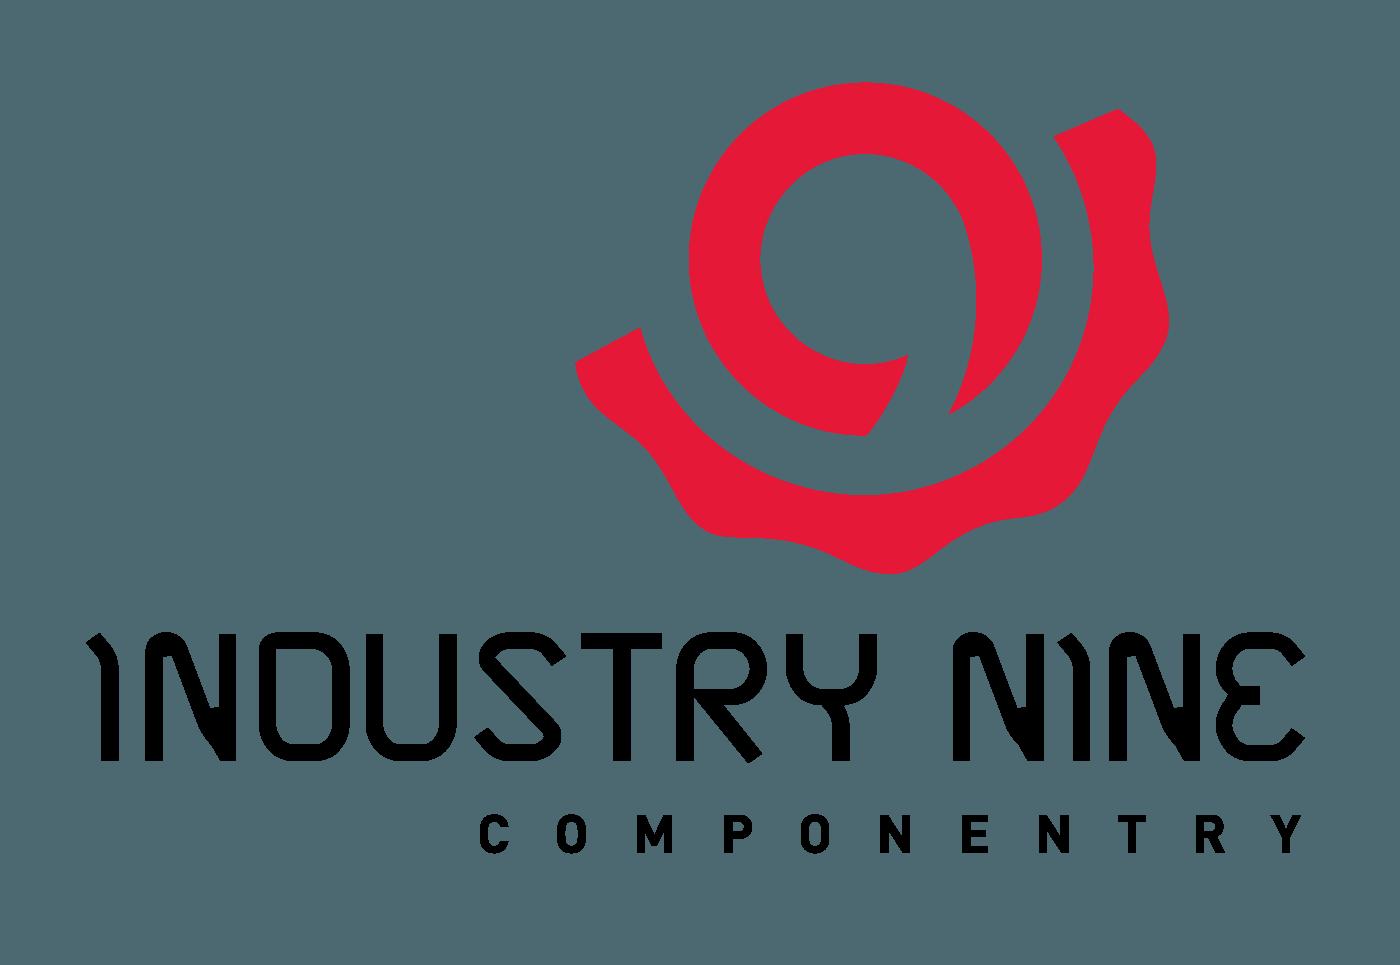 Industry-Nine-Wheels.png